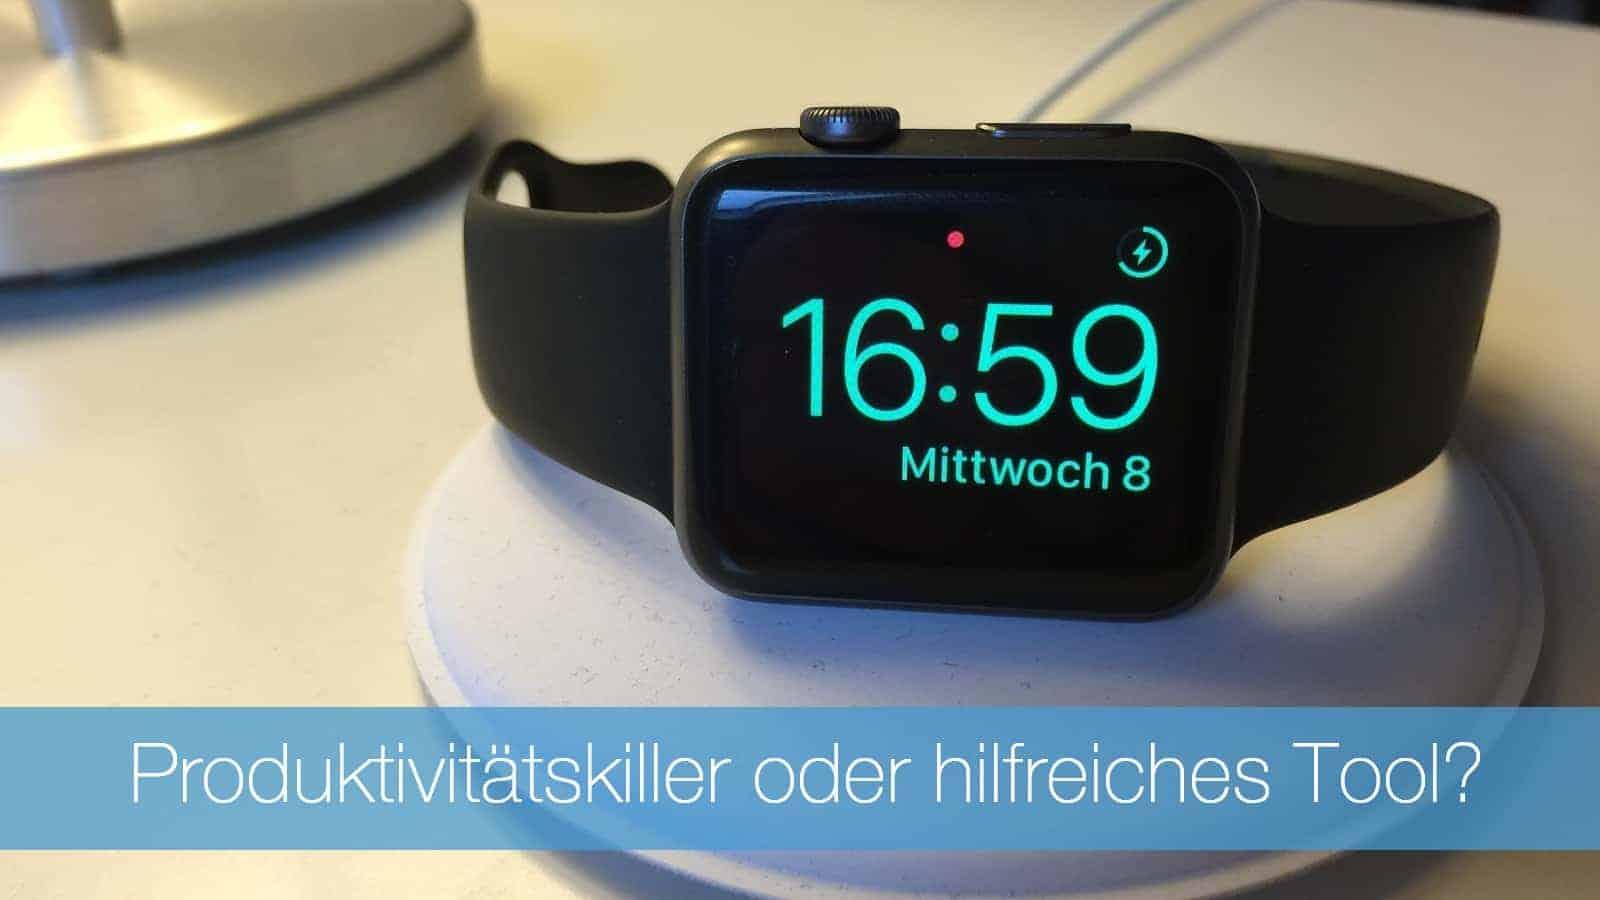 Die Apple Watch - Produktivitätskiller oder hilfreiches Tool